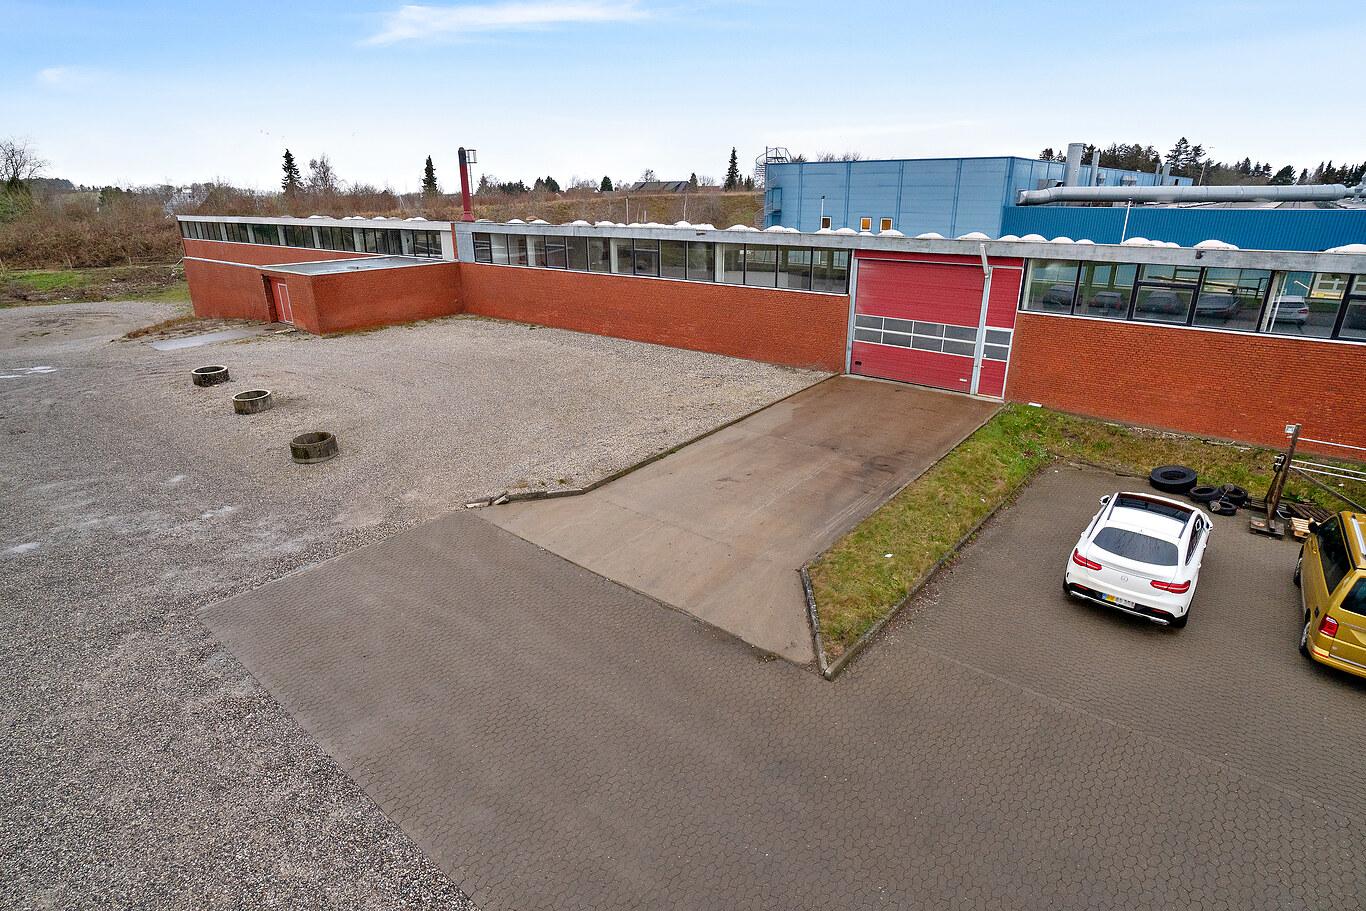 Oddervej 202 8270 Hojbjerg Produktion Lager Pa 2371 Kvm